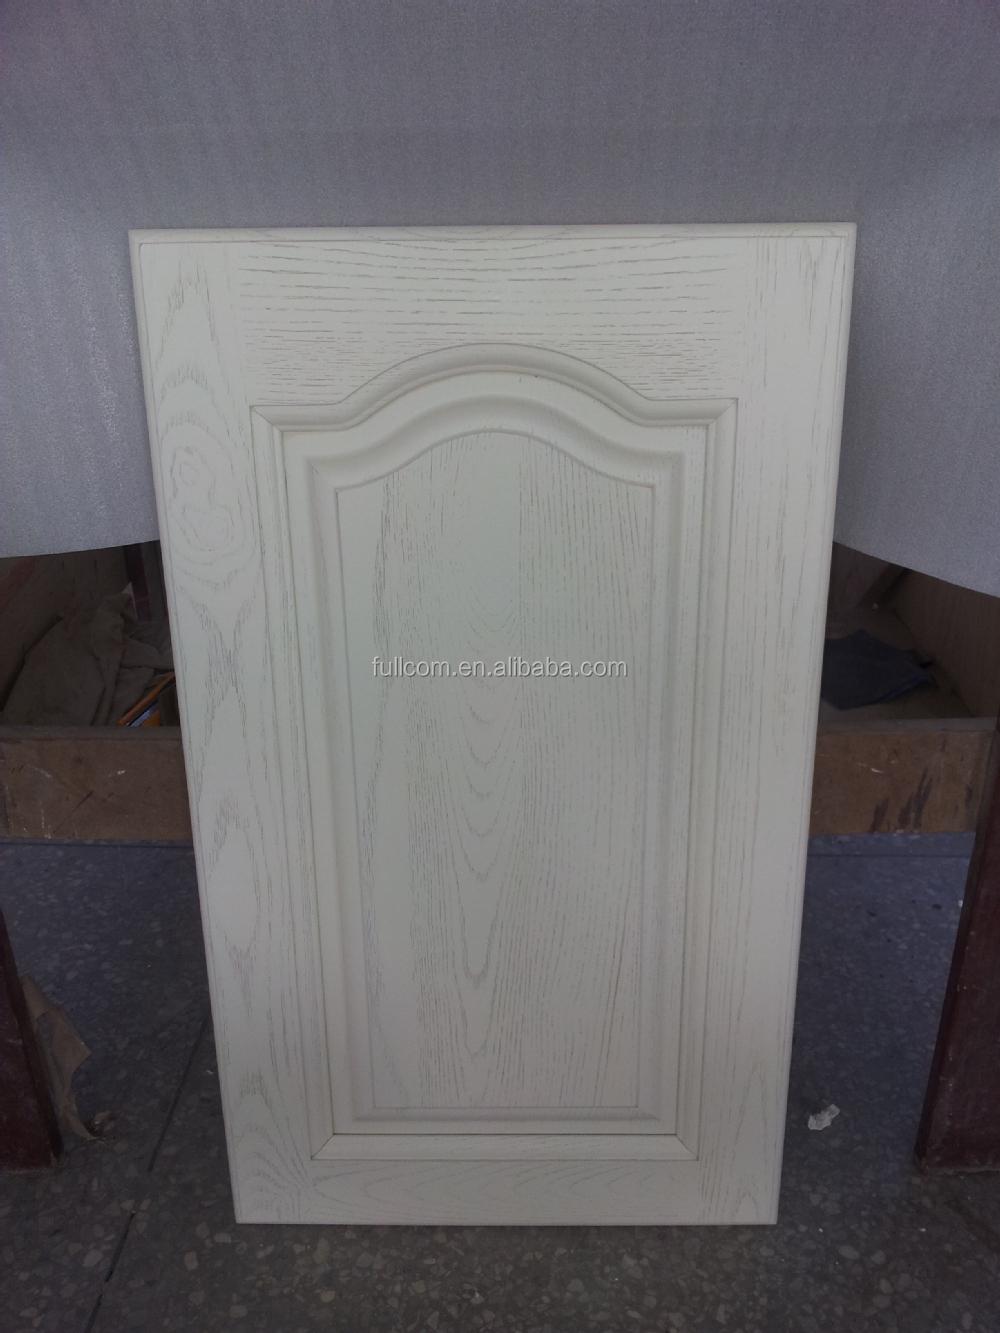 Fr ne blanc armoires de cuisine porte en bois armoire de - Penture de porte d armoire ...